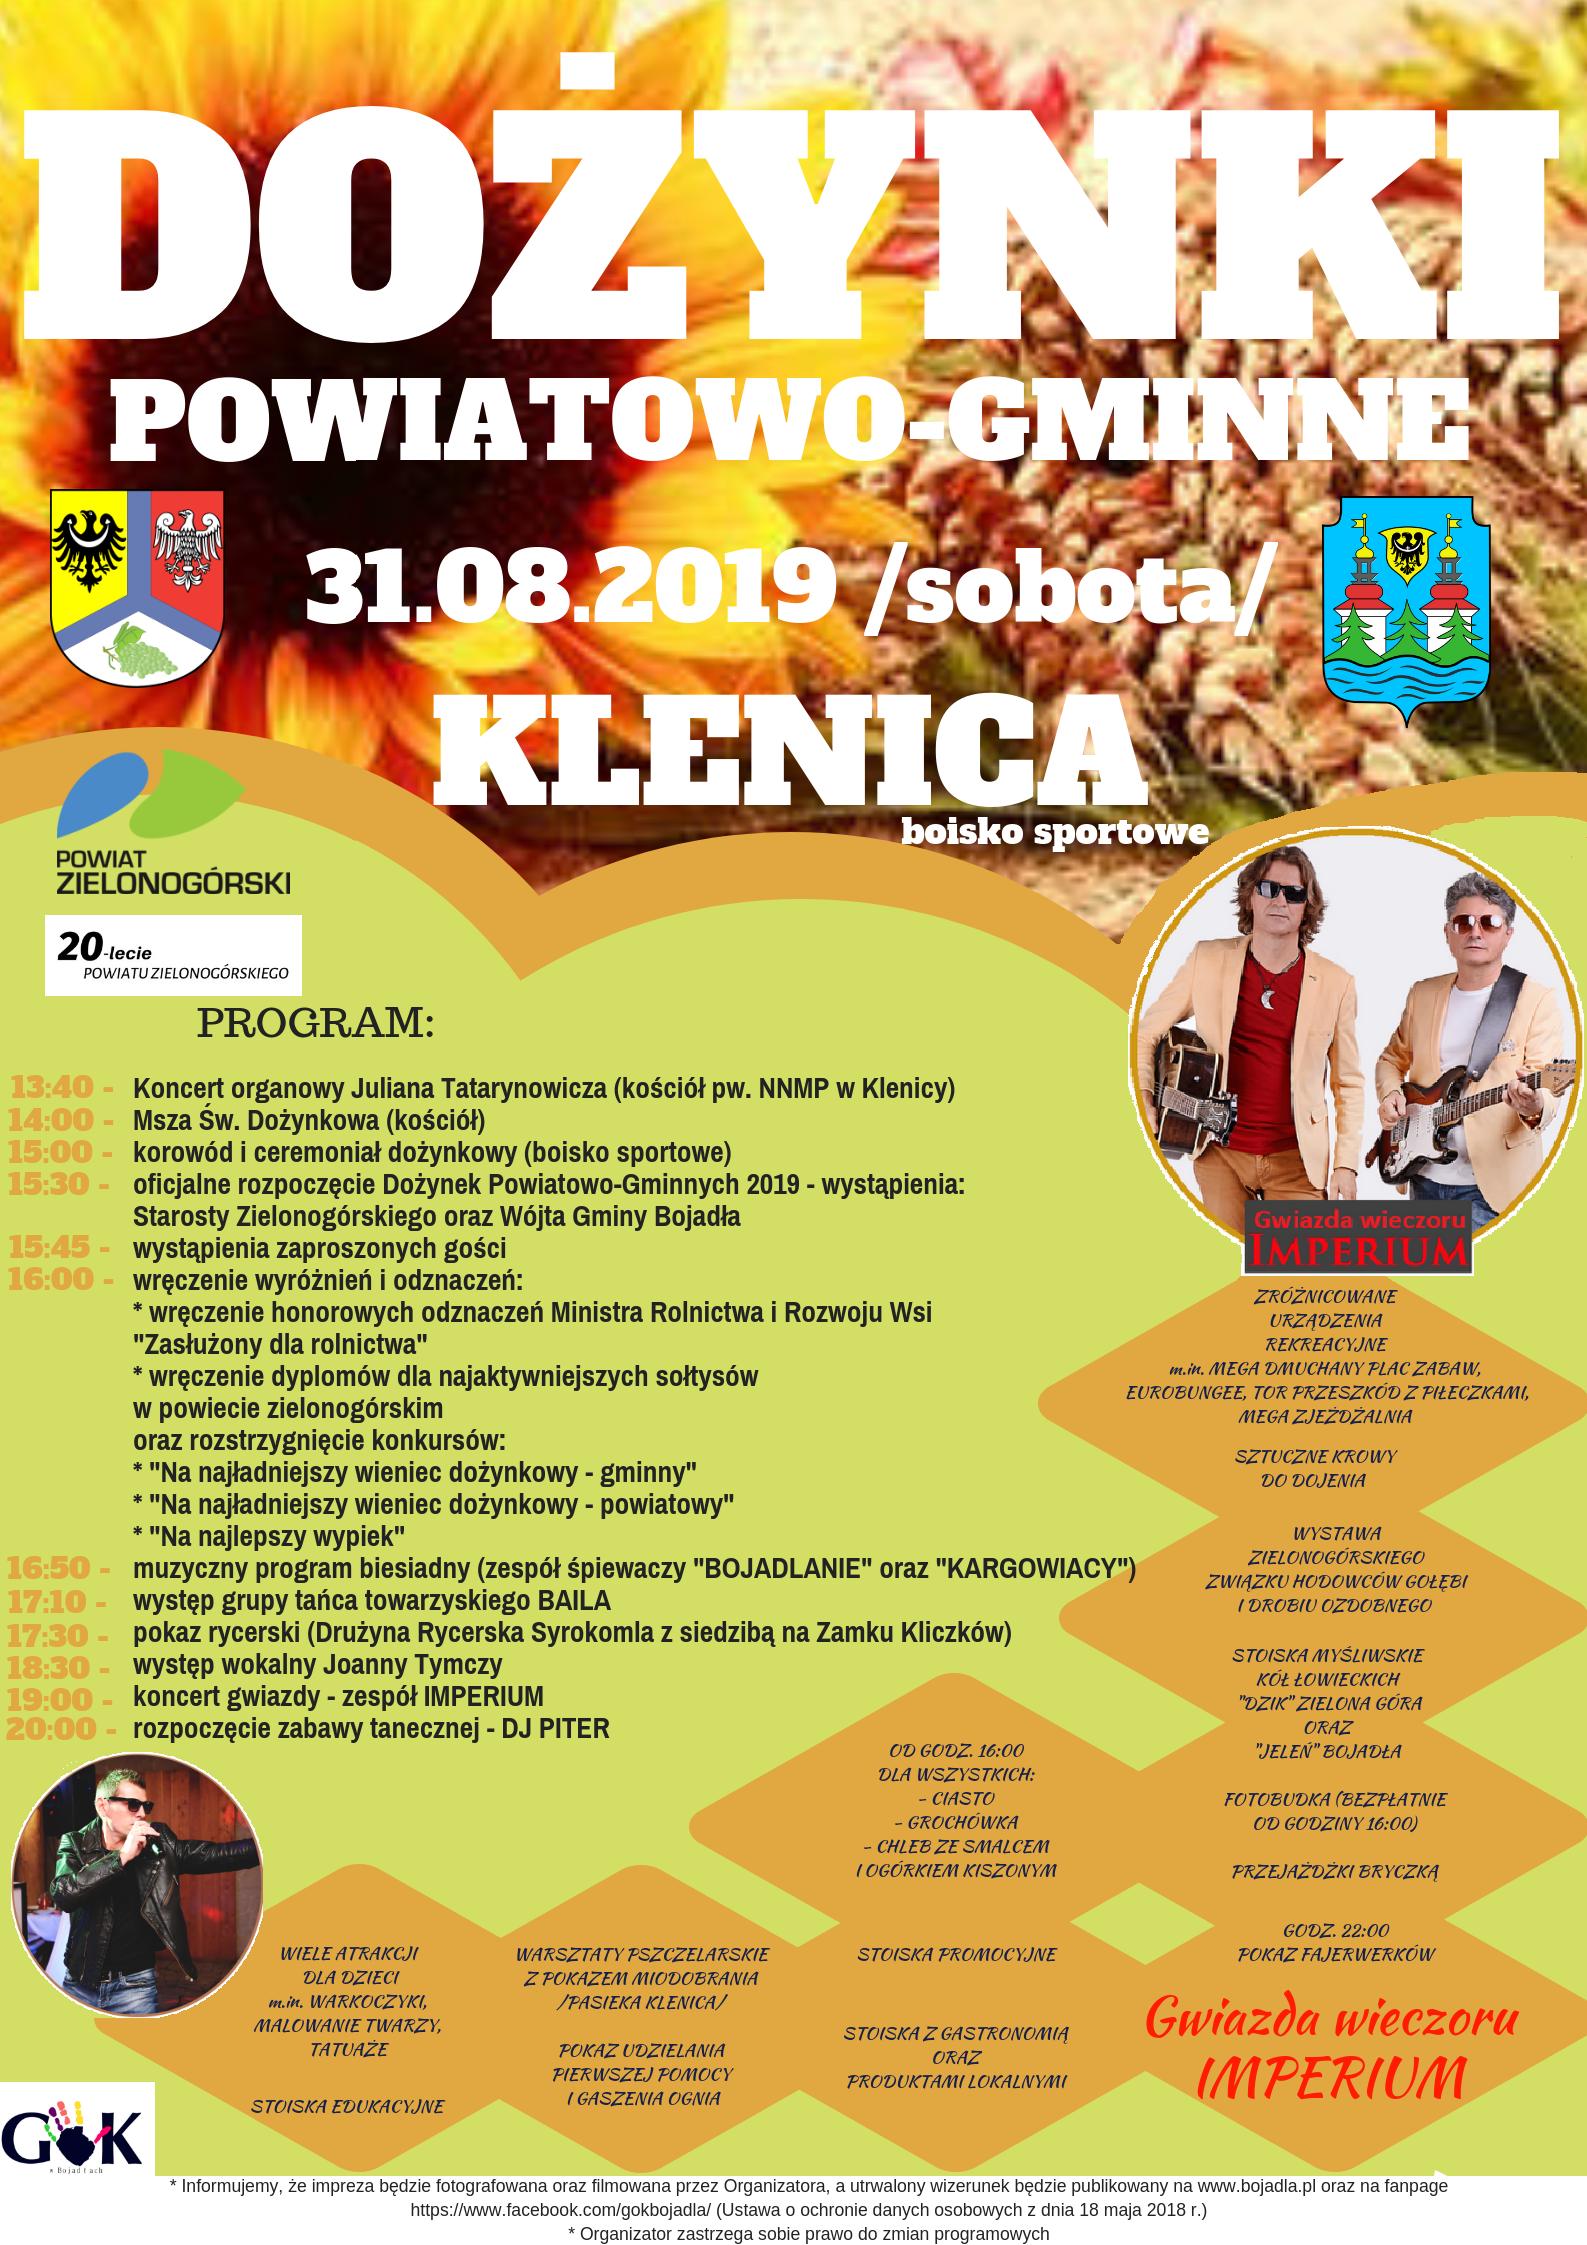 Ilustracja do informacji: Dożynki powiatowo-gminne w Klenicy